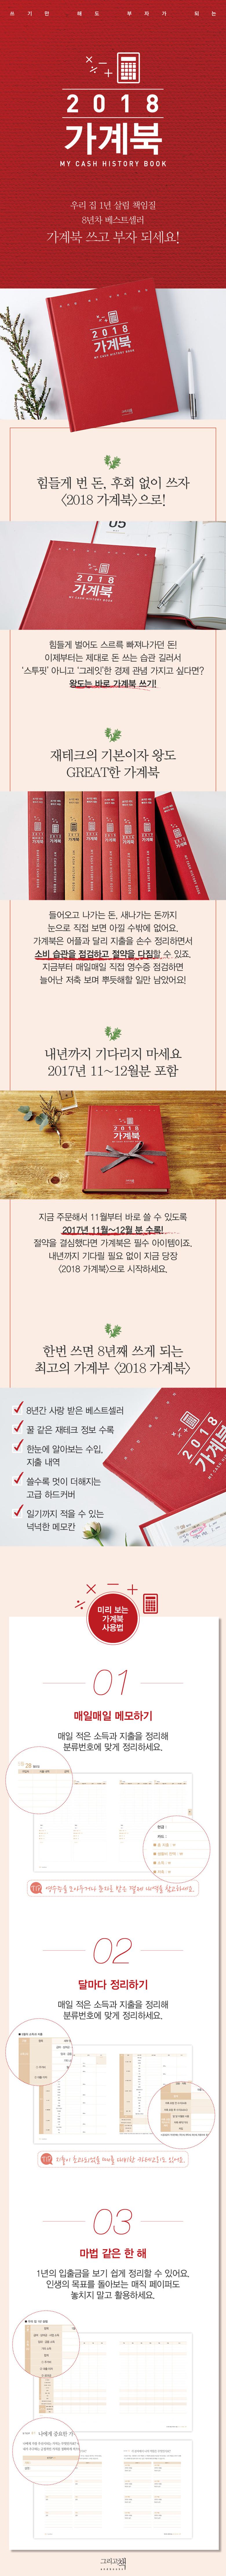 2018 가계북 - 그리고책, 16,000원, 플래너, 캐쉬북